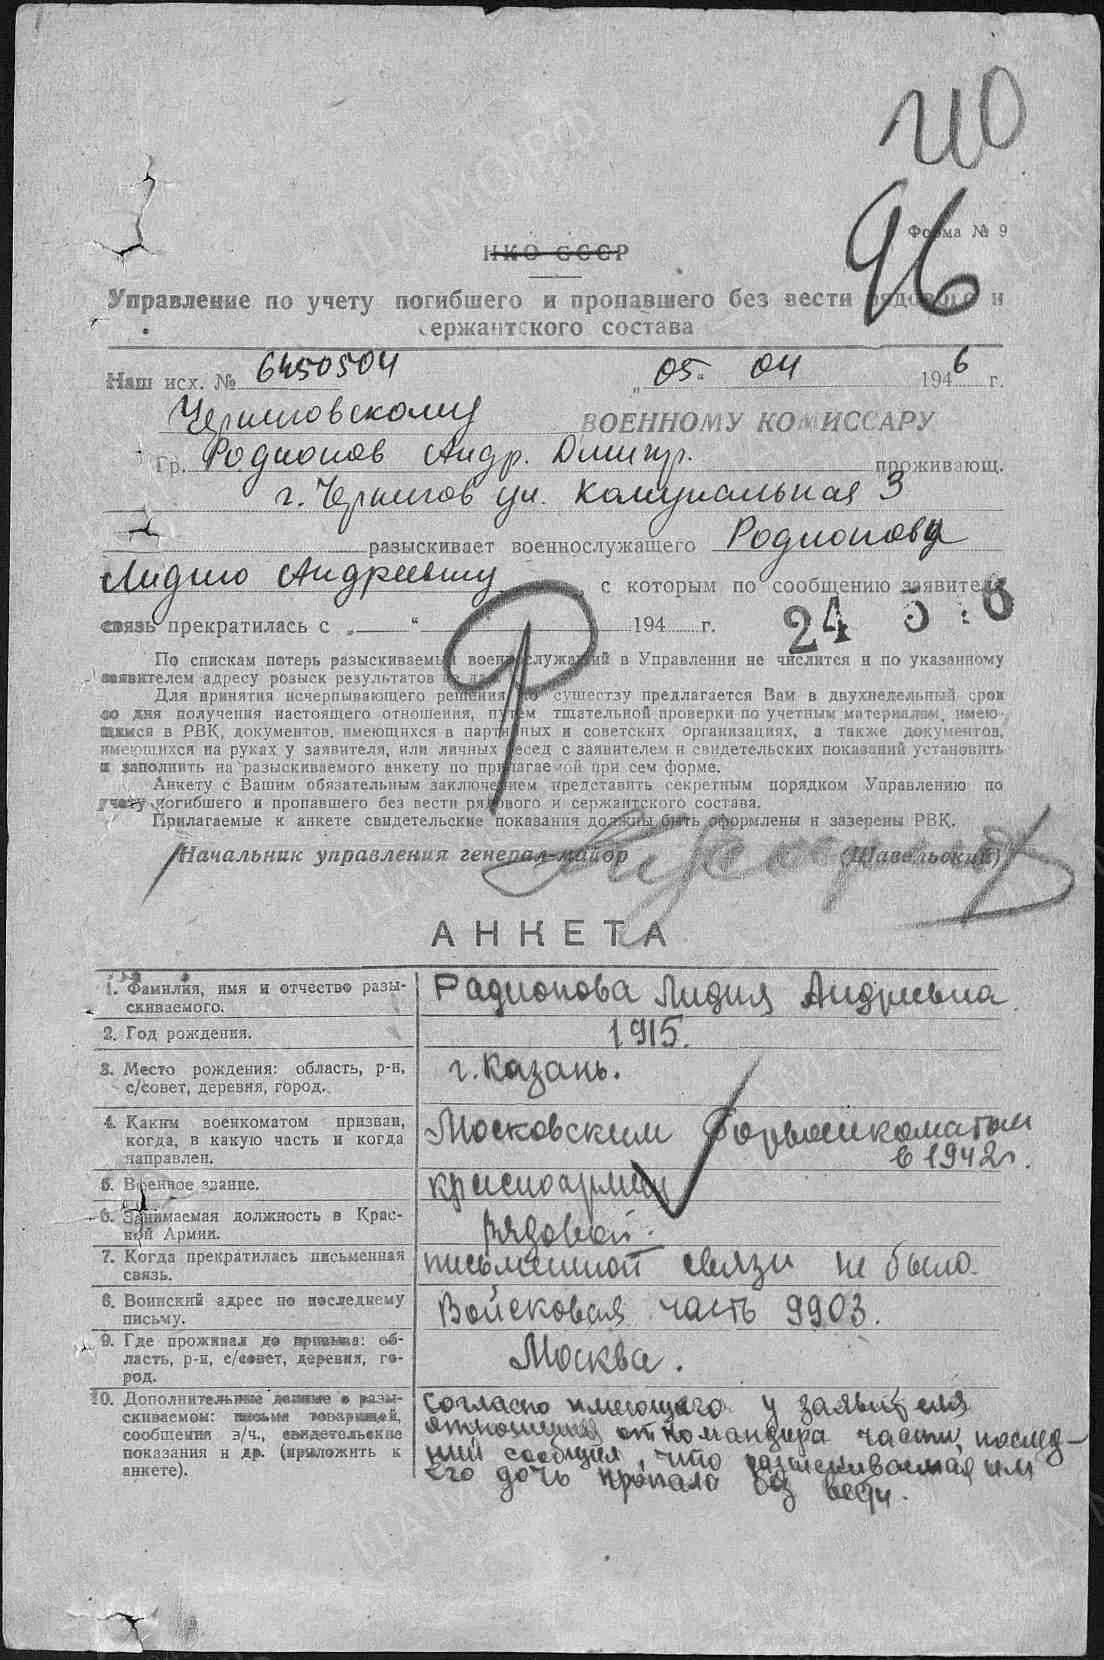 Разведчик — диверсант Радионова Л.А., изображение №2